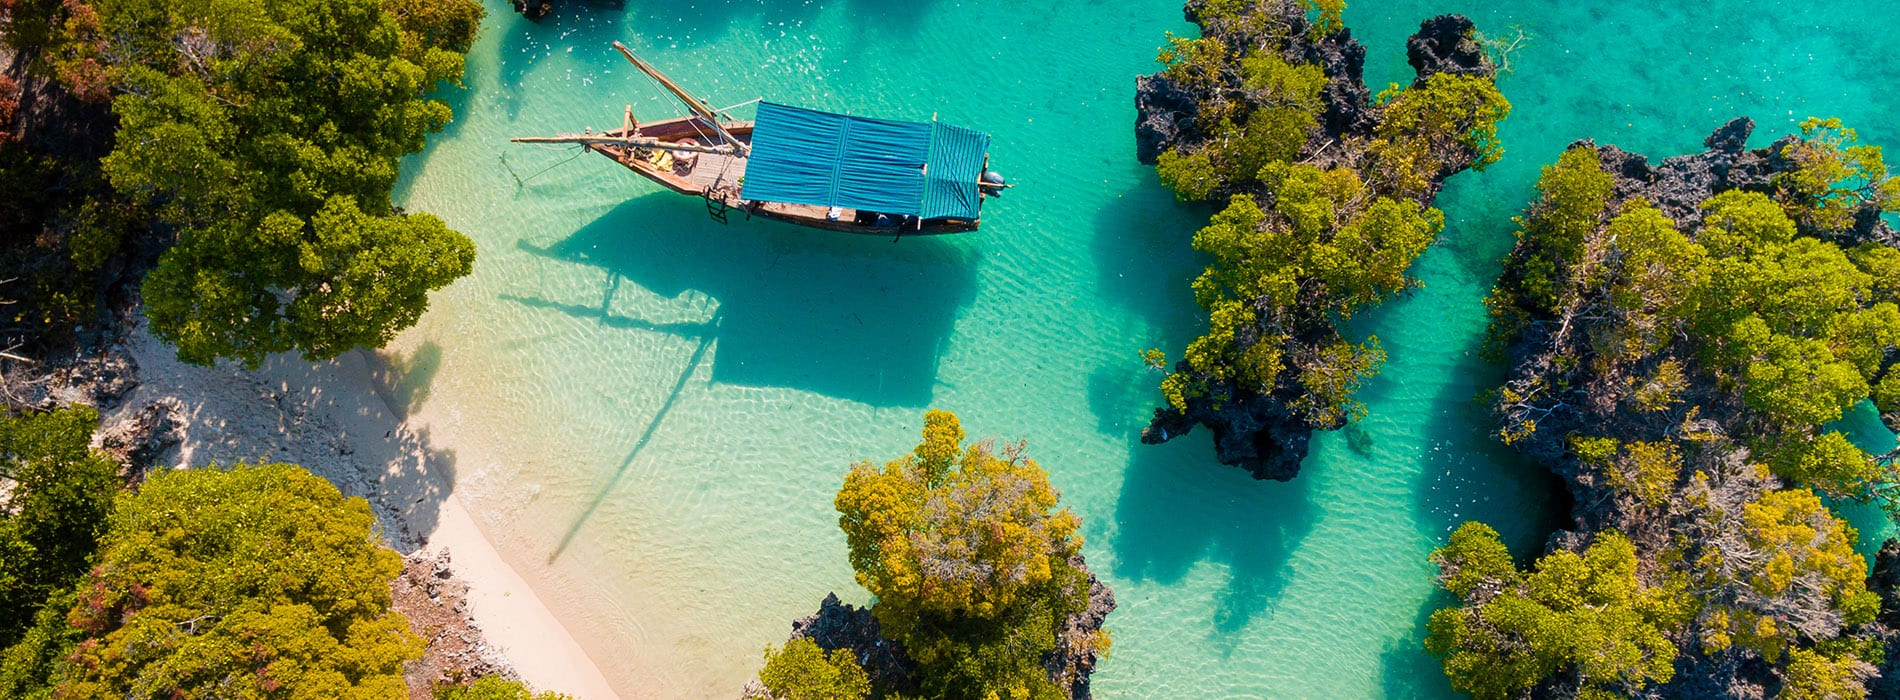 Zanzibar, plage de rêve